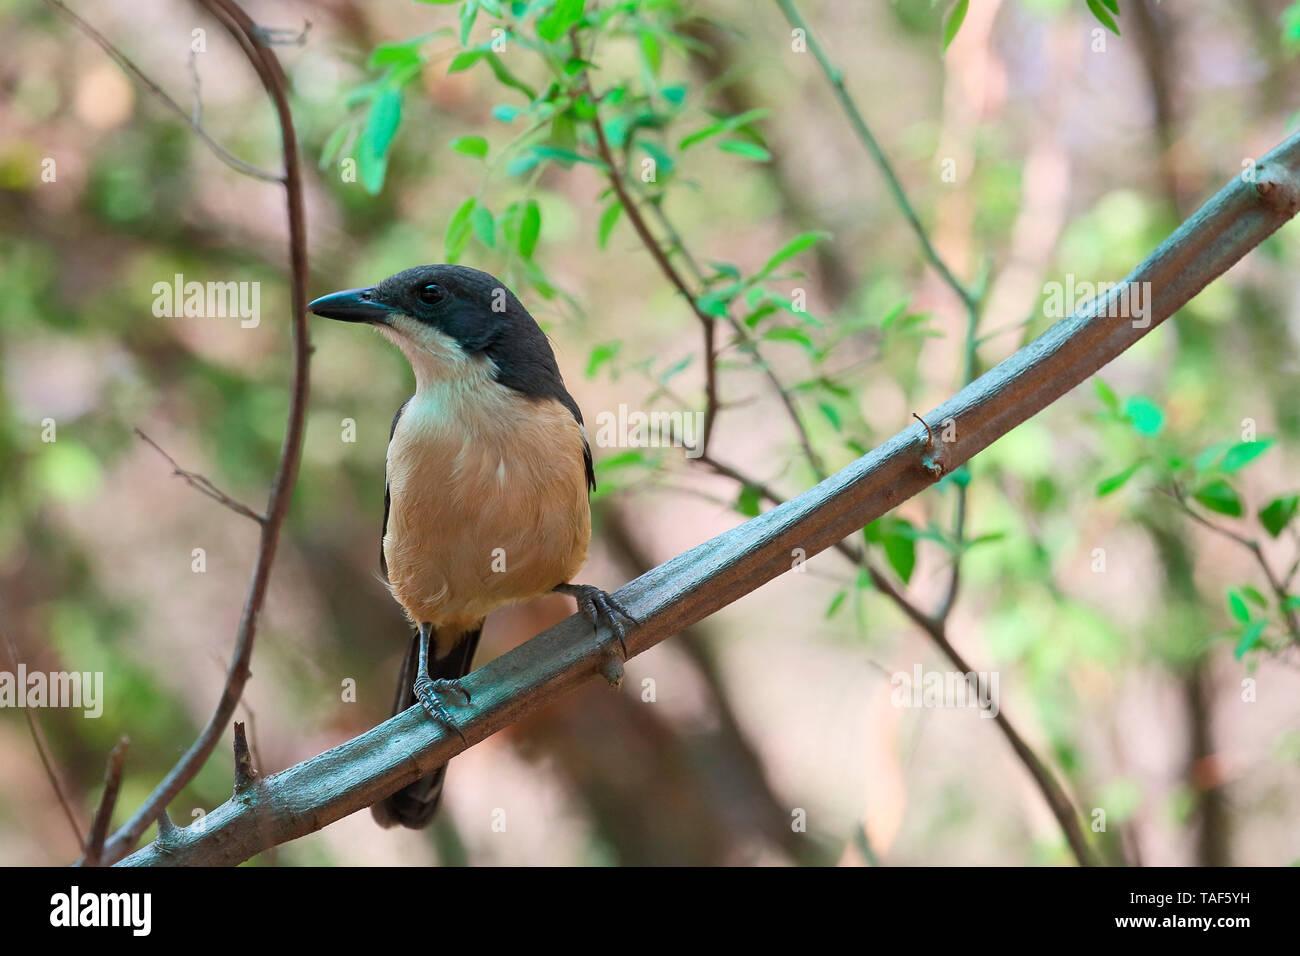 Südliche Boubou (Laniarius Art) thront nach Beobachtung in einem Busch, Südafrika Stockfoto